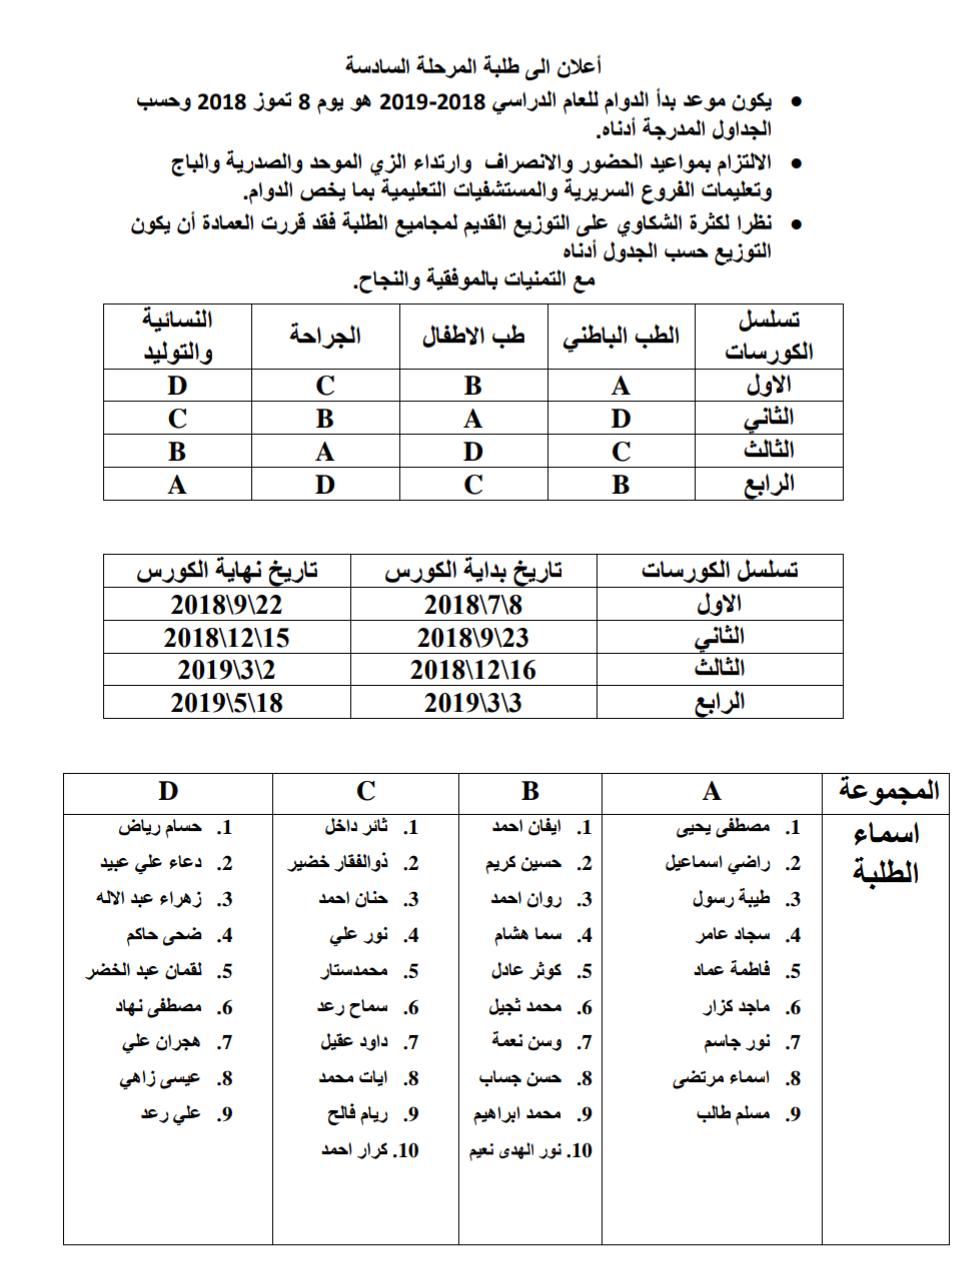 جدول المرحلة السادسة للعام الدراسي 2018 -2019